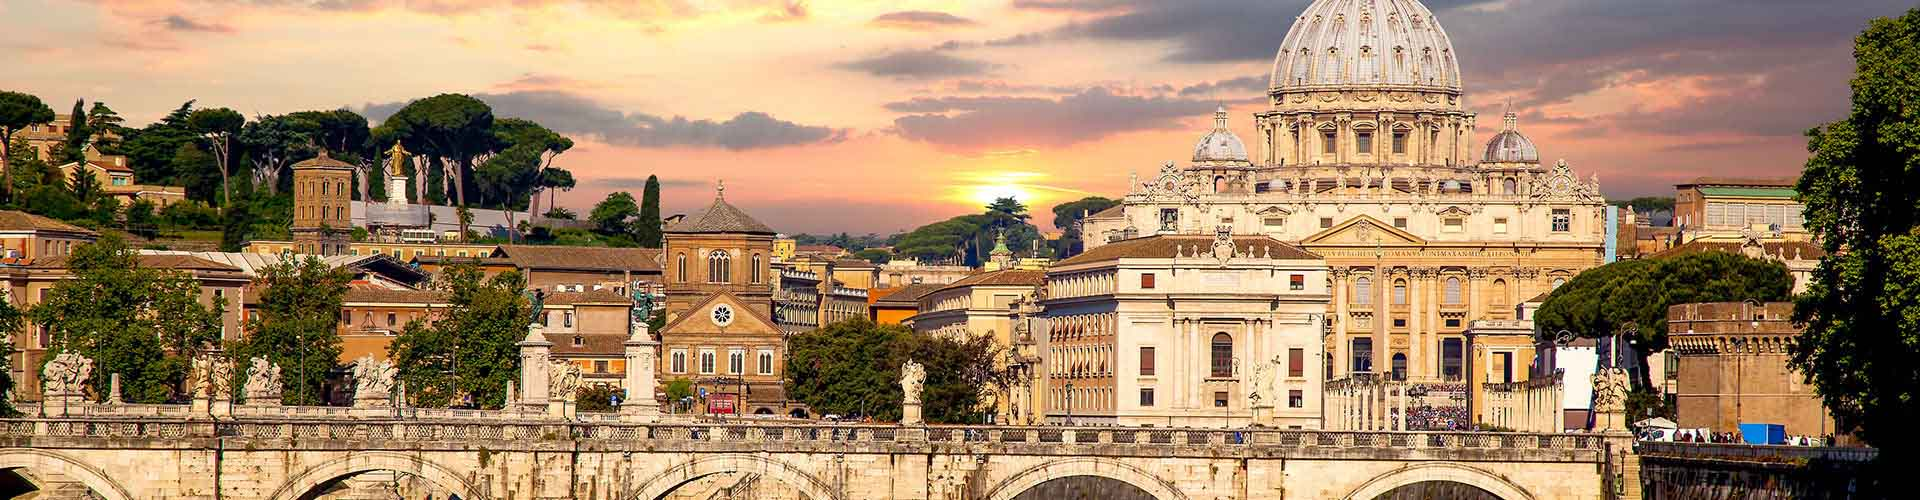 Roma - Hoteles baratos en el distrito San Lorenzo. Mapas de Roma, Fotos y comentarios de cada Hotel barato en Roma.